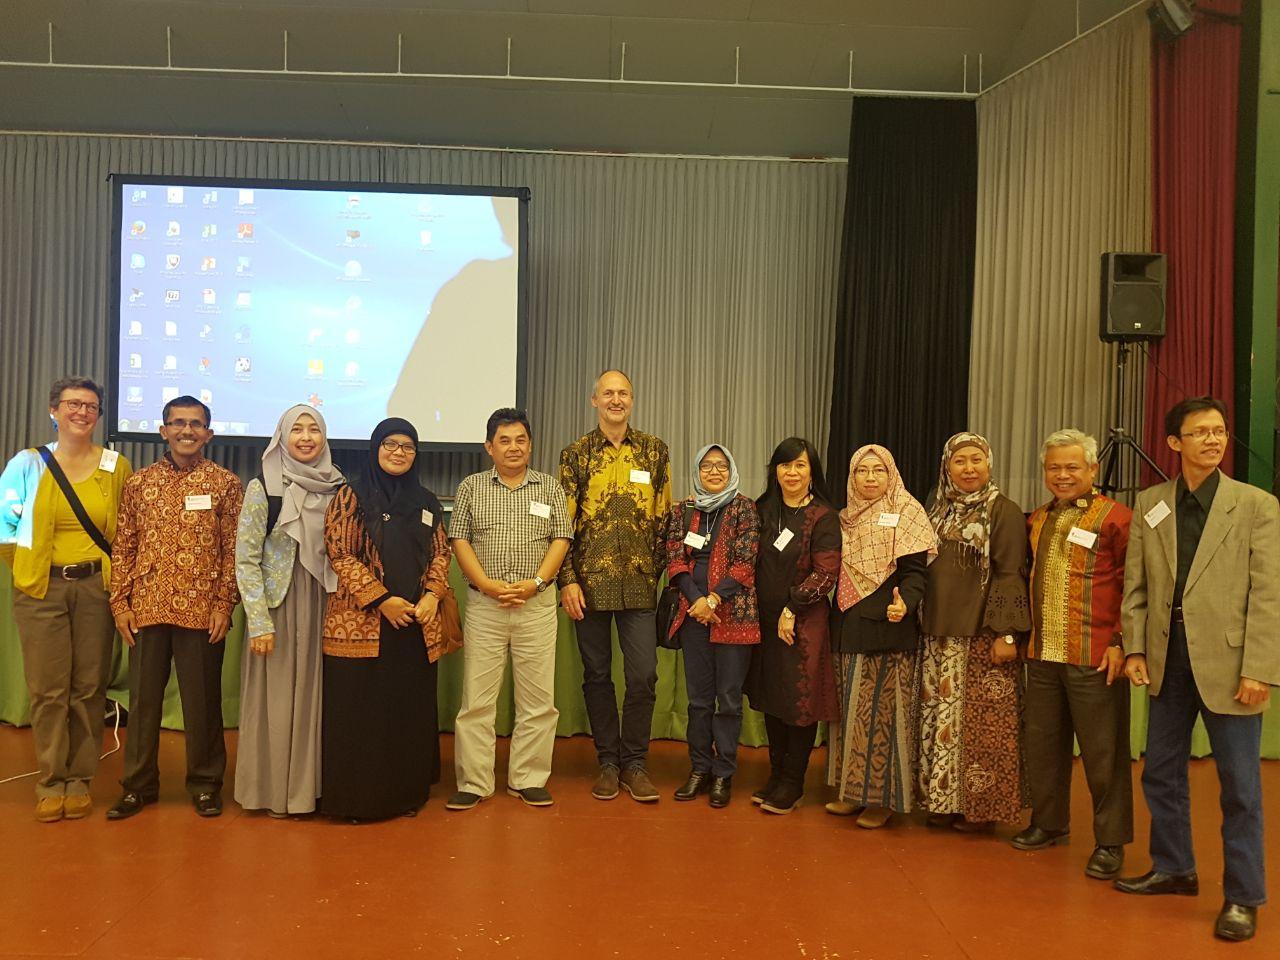 Keterangan gambar peneliti Unja pada CRC 990 bersama dengan speaker CRC 990, Prof. Dr. Stefan Scheu (tengah) dan kepala kantor CRC 990 di Universitas Goettingen, Dr. Barbara Wick (paling kiri)